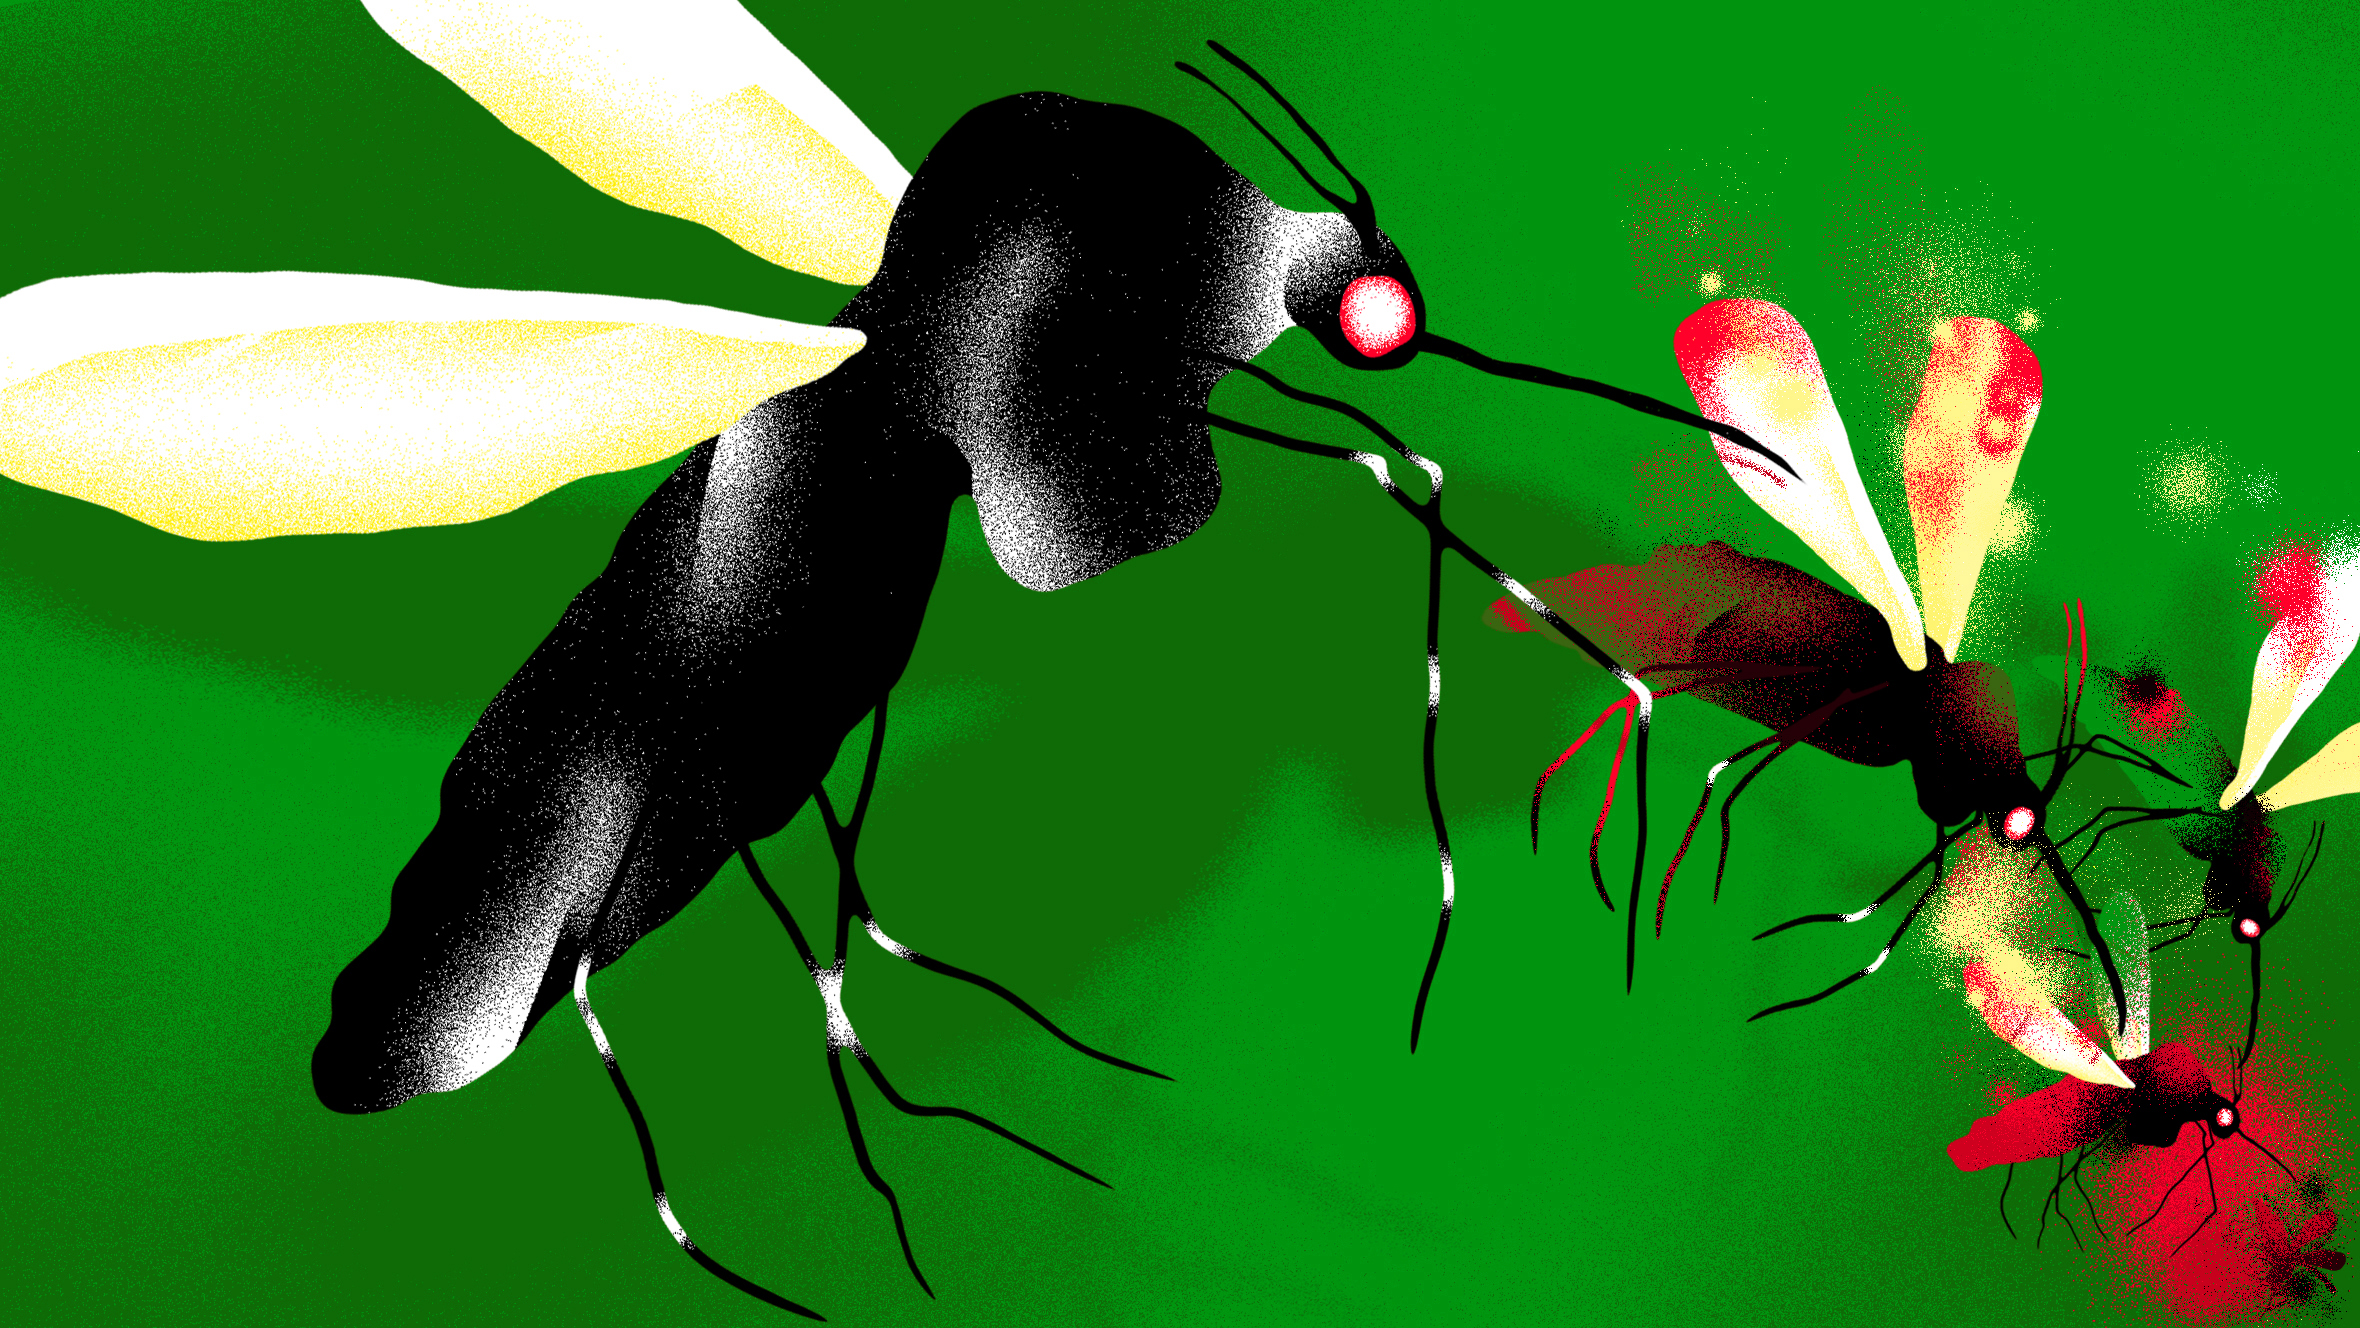 グーグル関連企業 ジカウイルス撲滅に蚊を量産